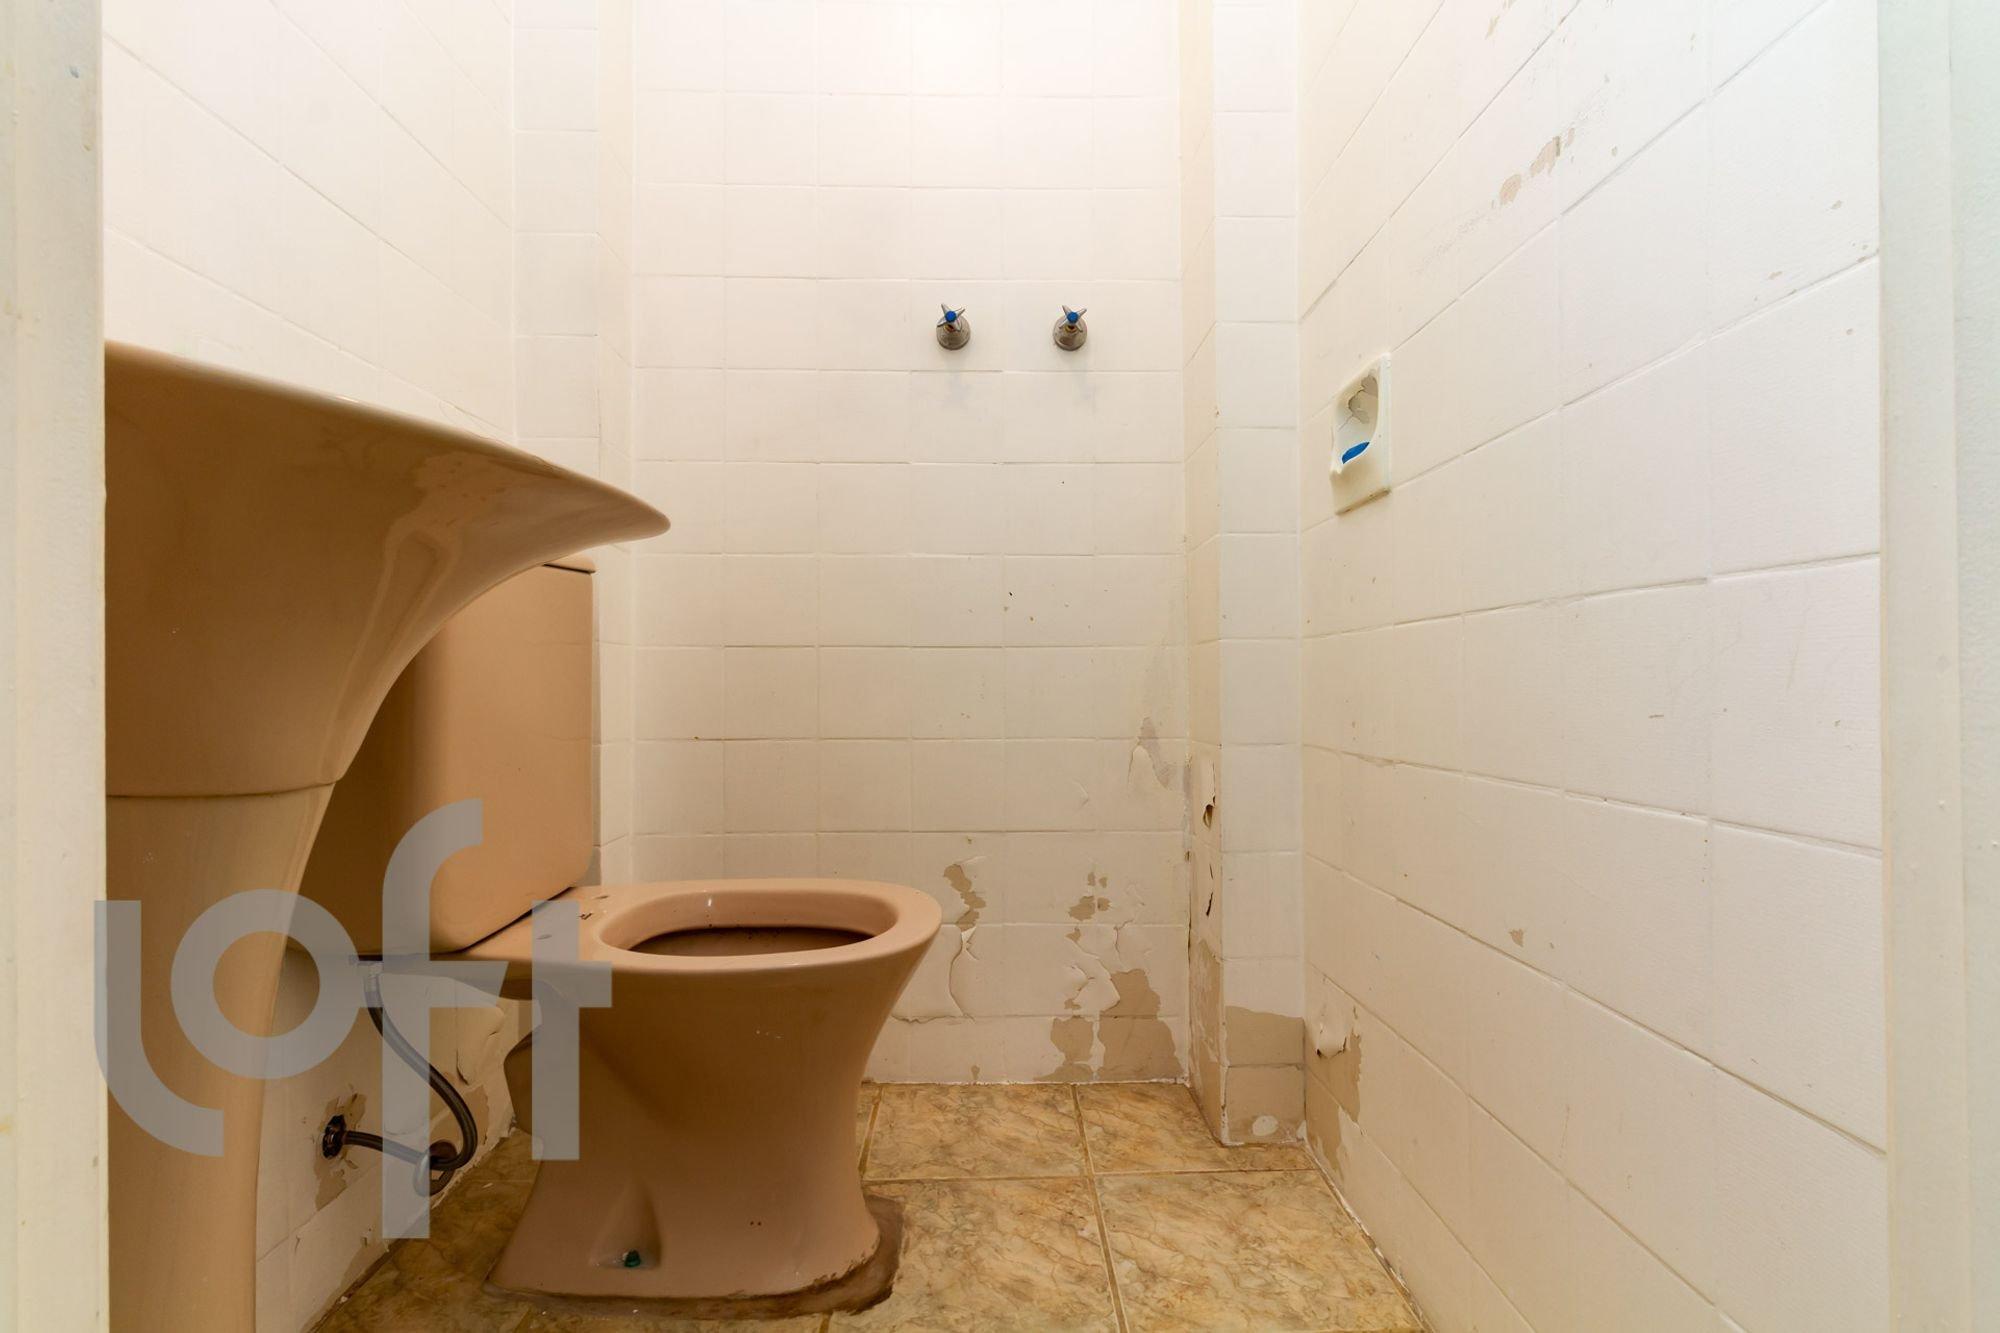 Foto de Lavanderia com vaso sanitário